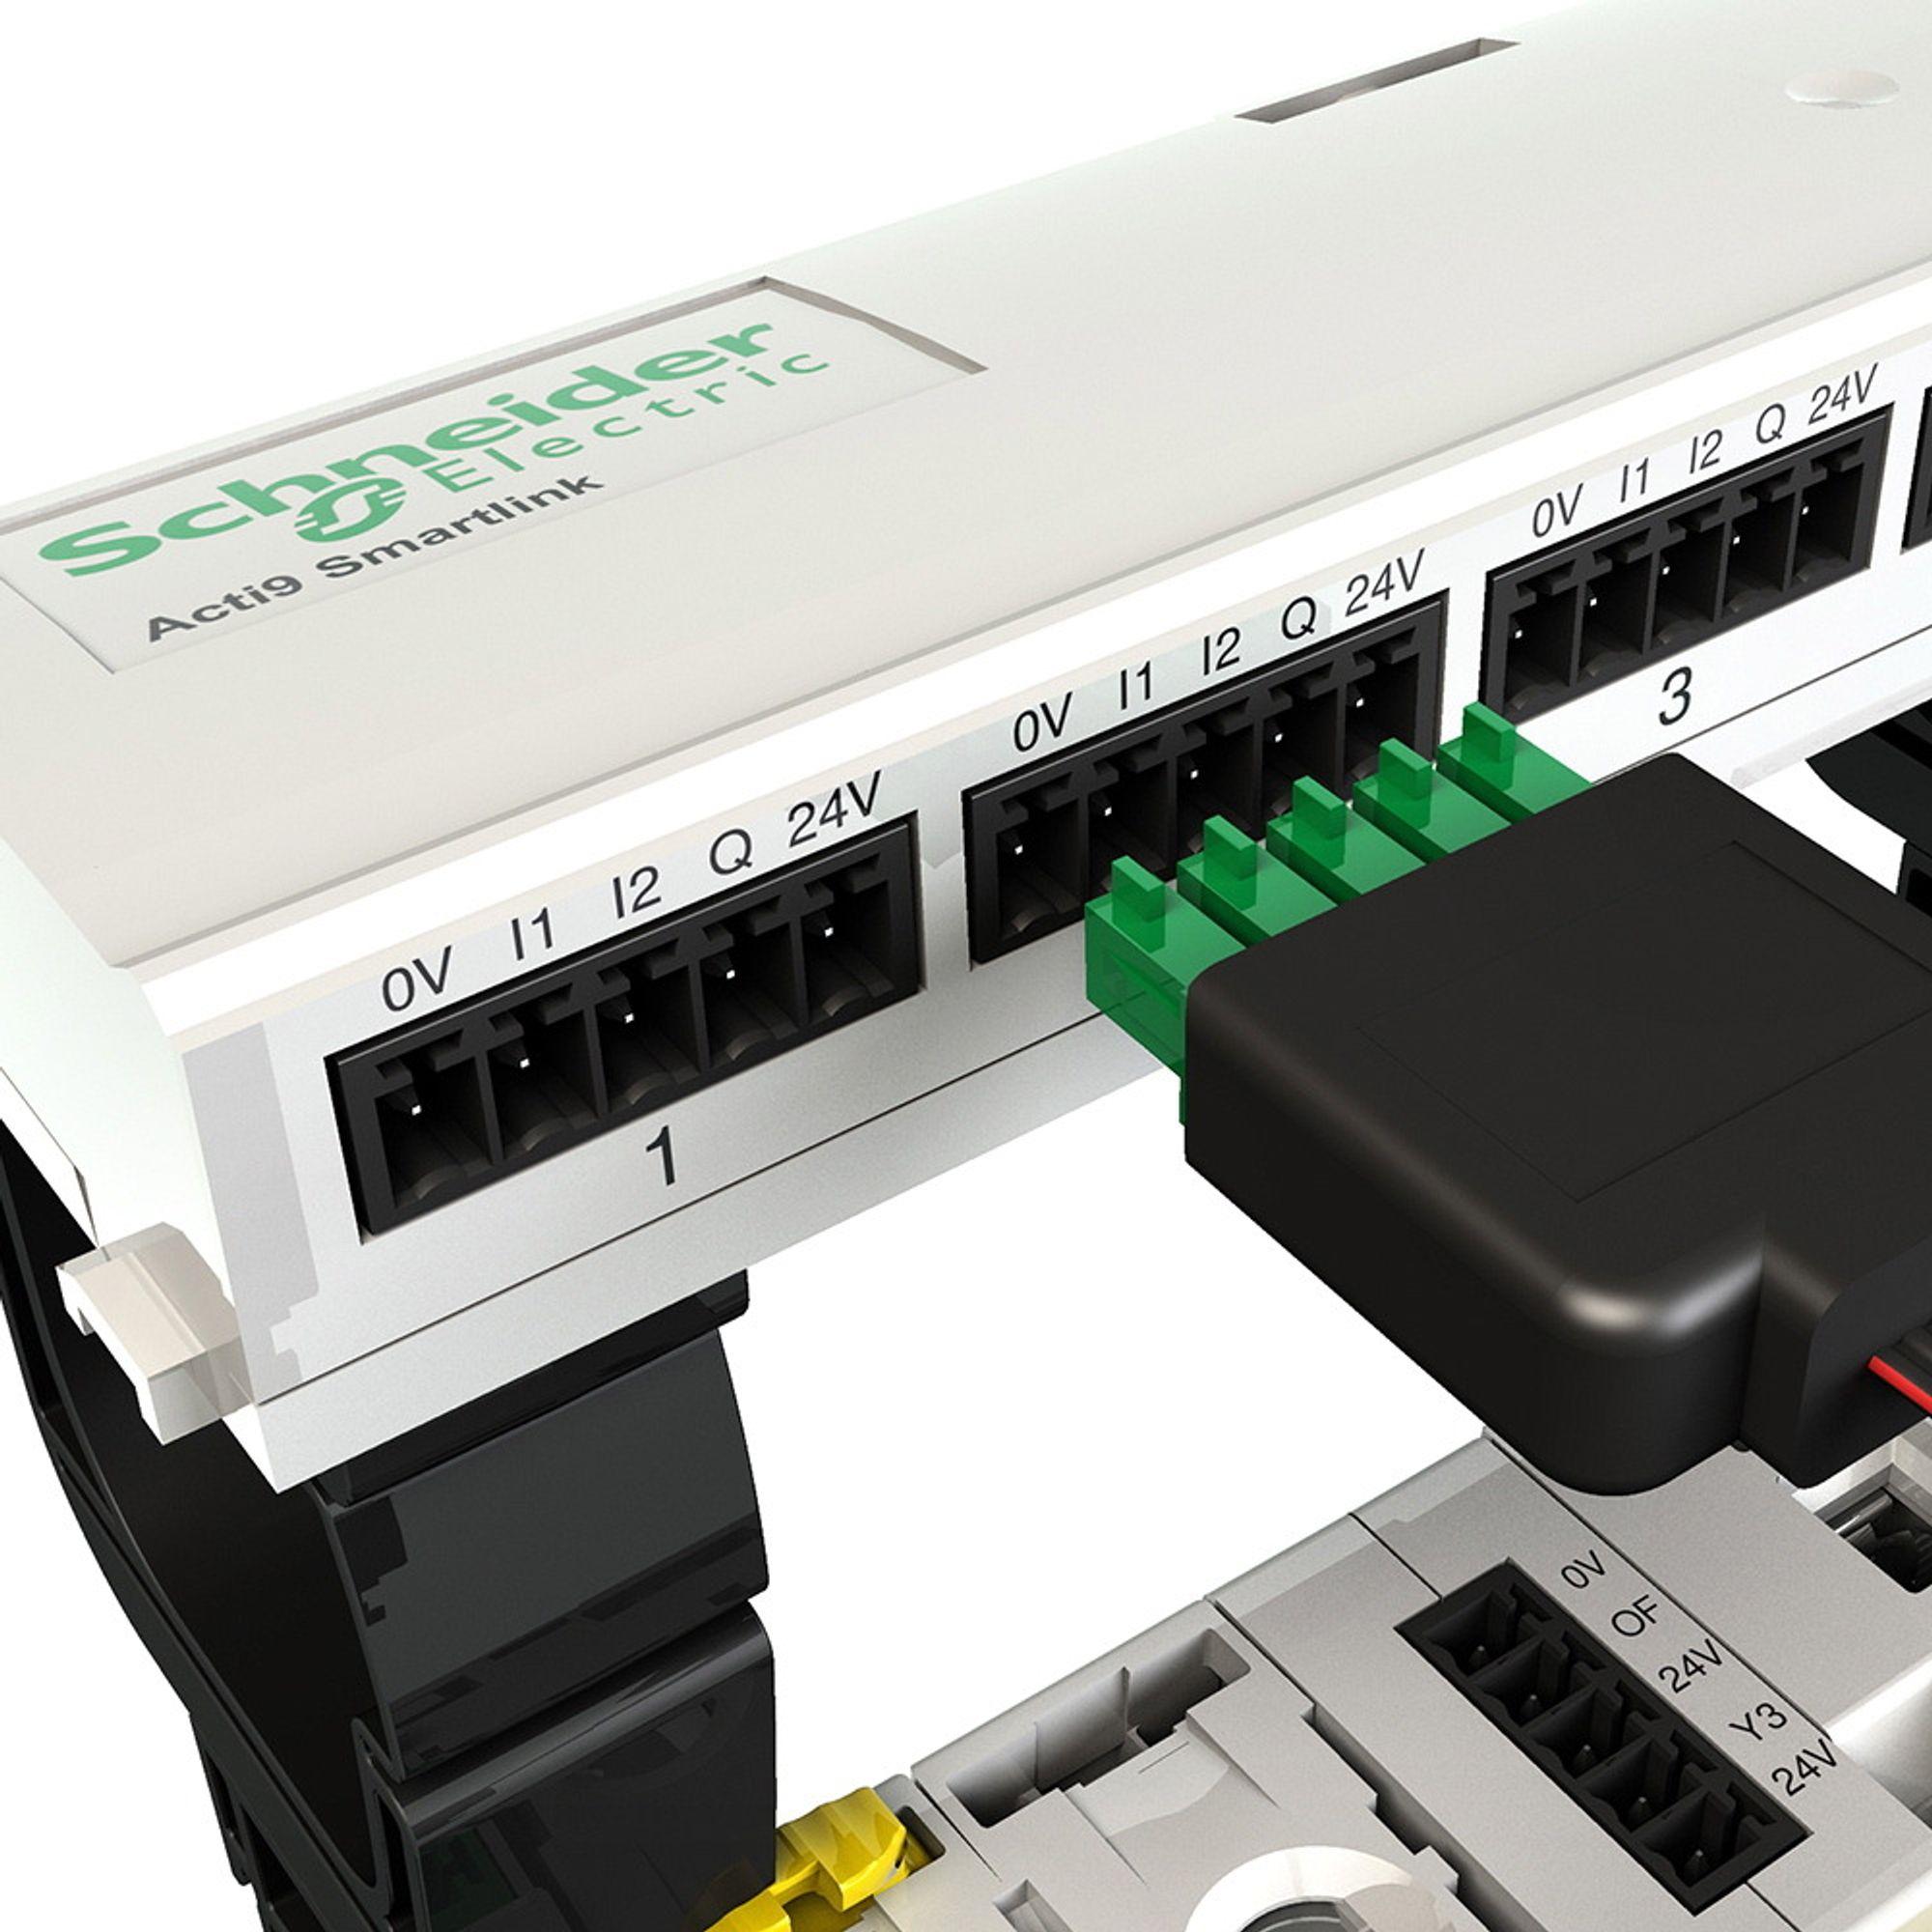 Plug and play: Smartlink kopler automatsikringer, jordfeilbrytere, relèer, kontaktorer og målere i tavler til byggautomatiseringssystemet.